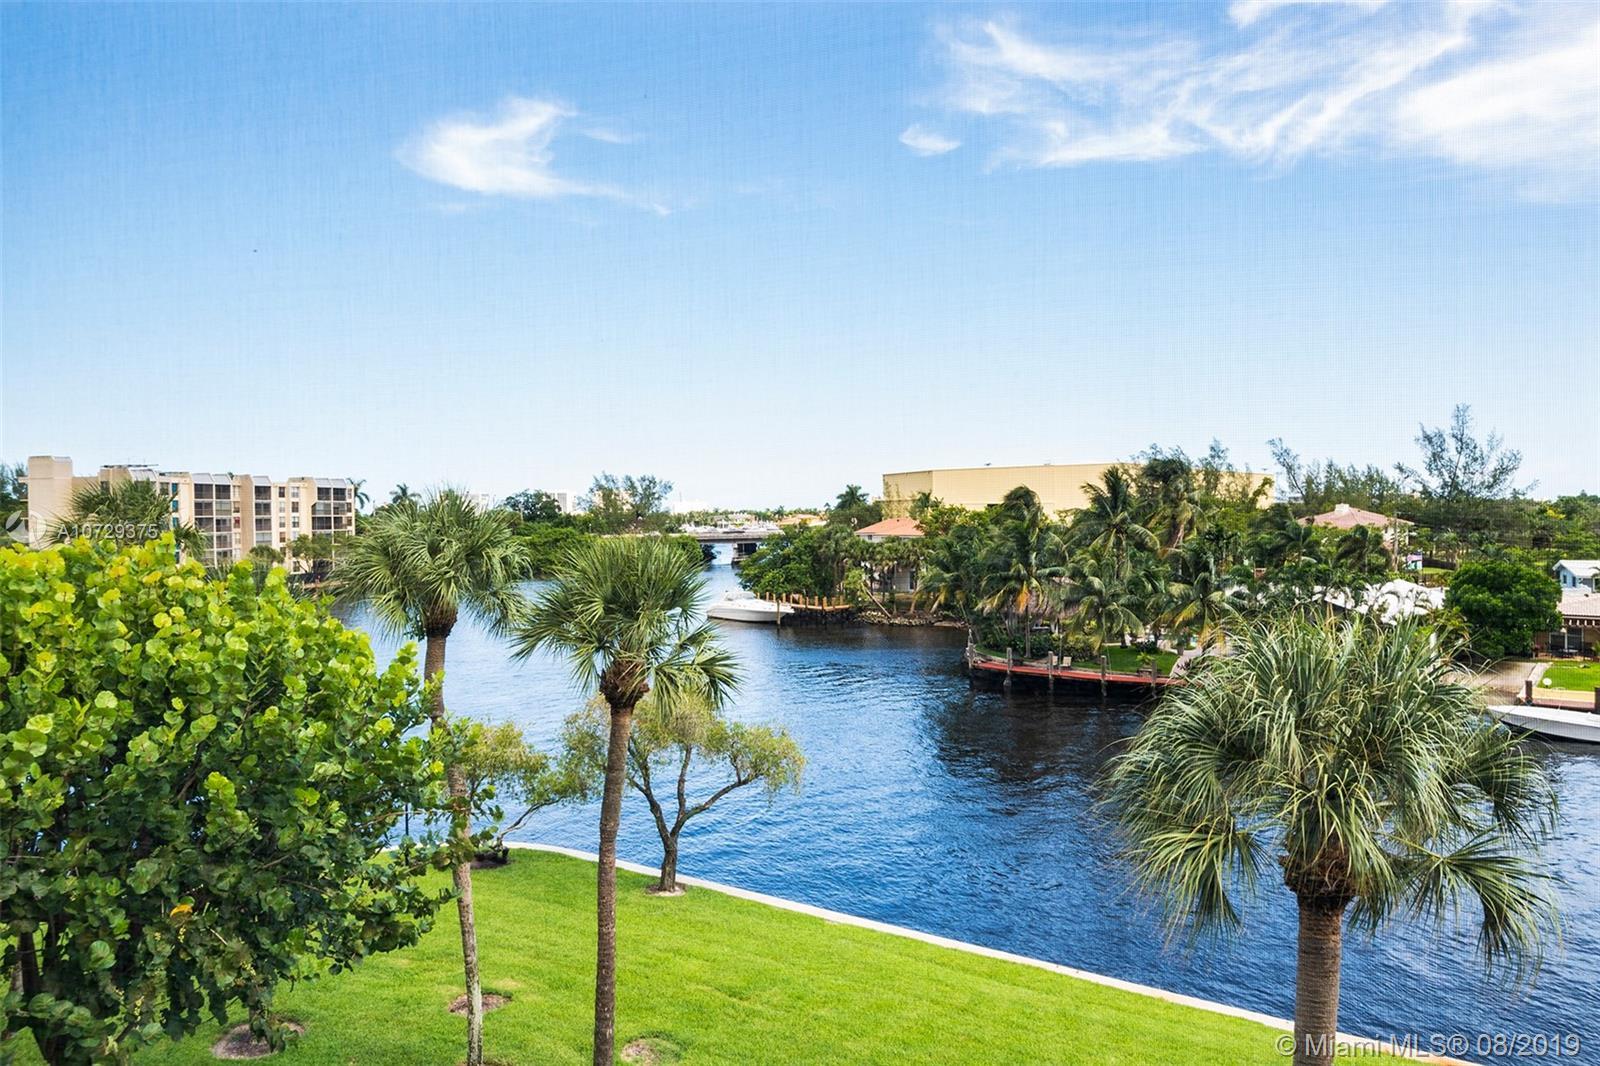 13 Royal Palm Way 4010, Boca Raton, FL 33432